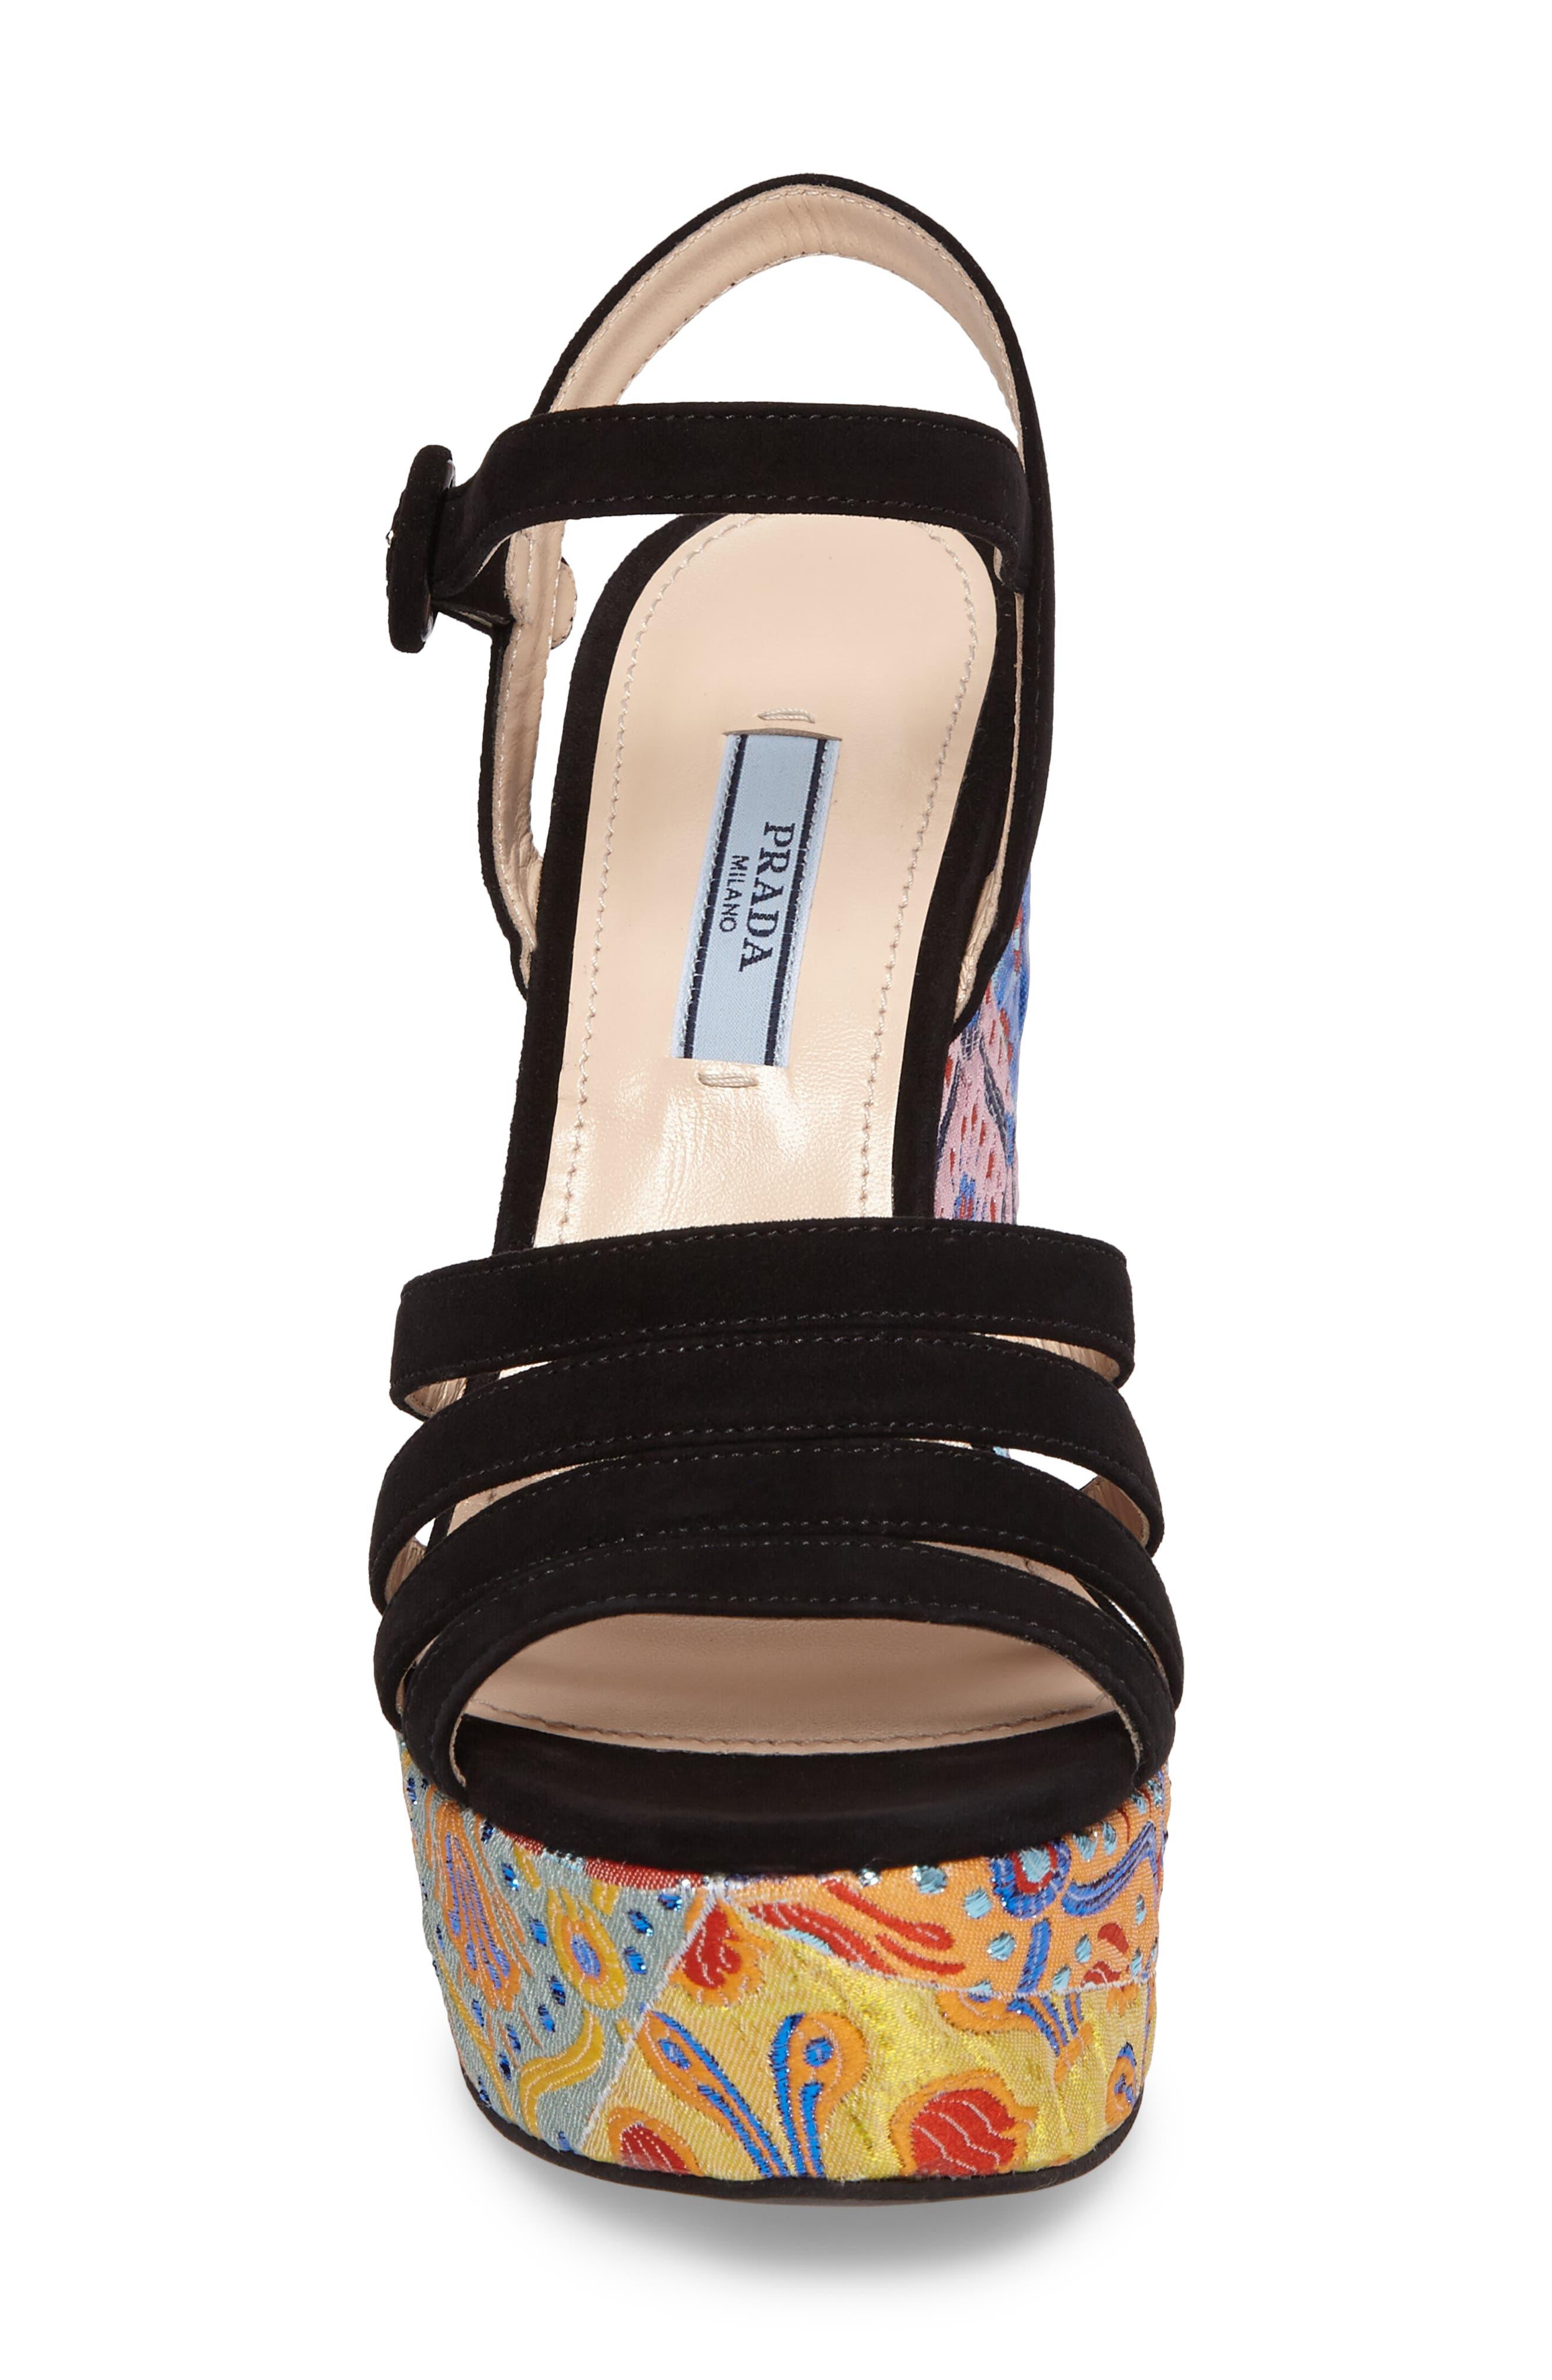 Floral Platform Wedge Sandal,                             Alternate thumbnail 4, color,                             002